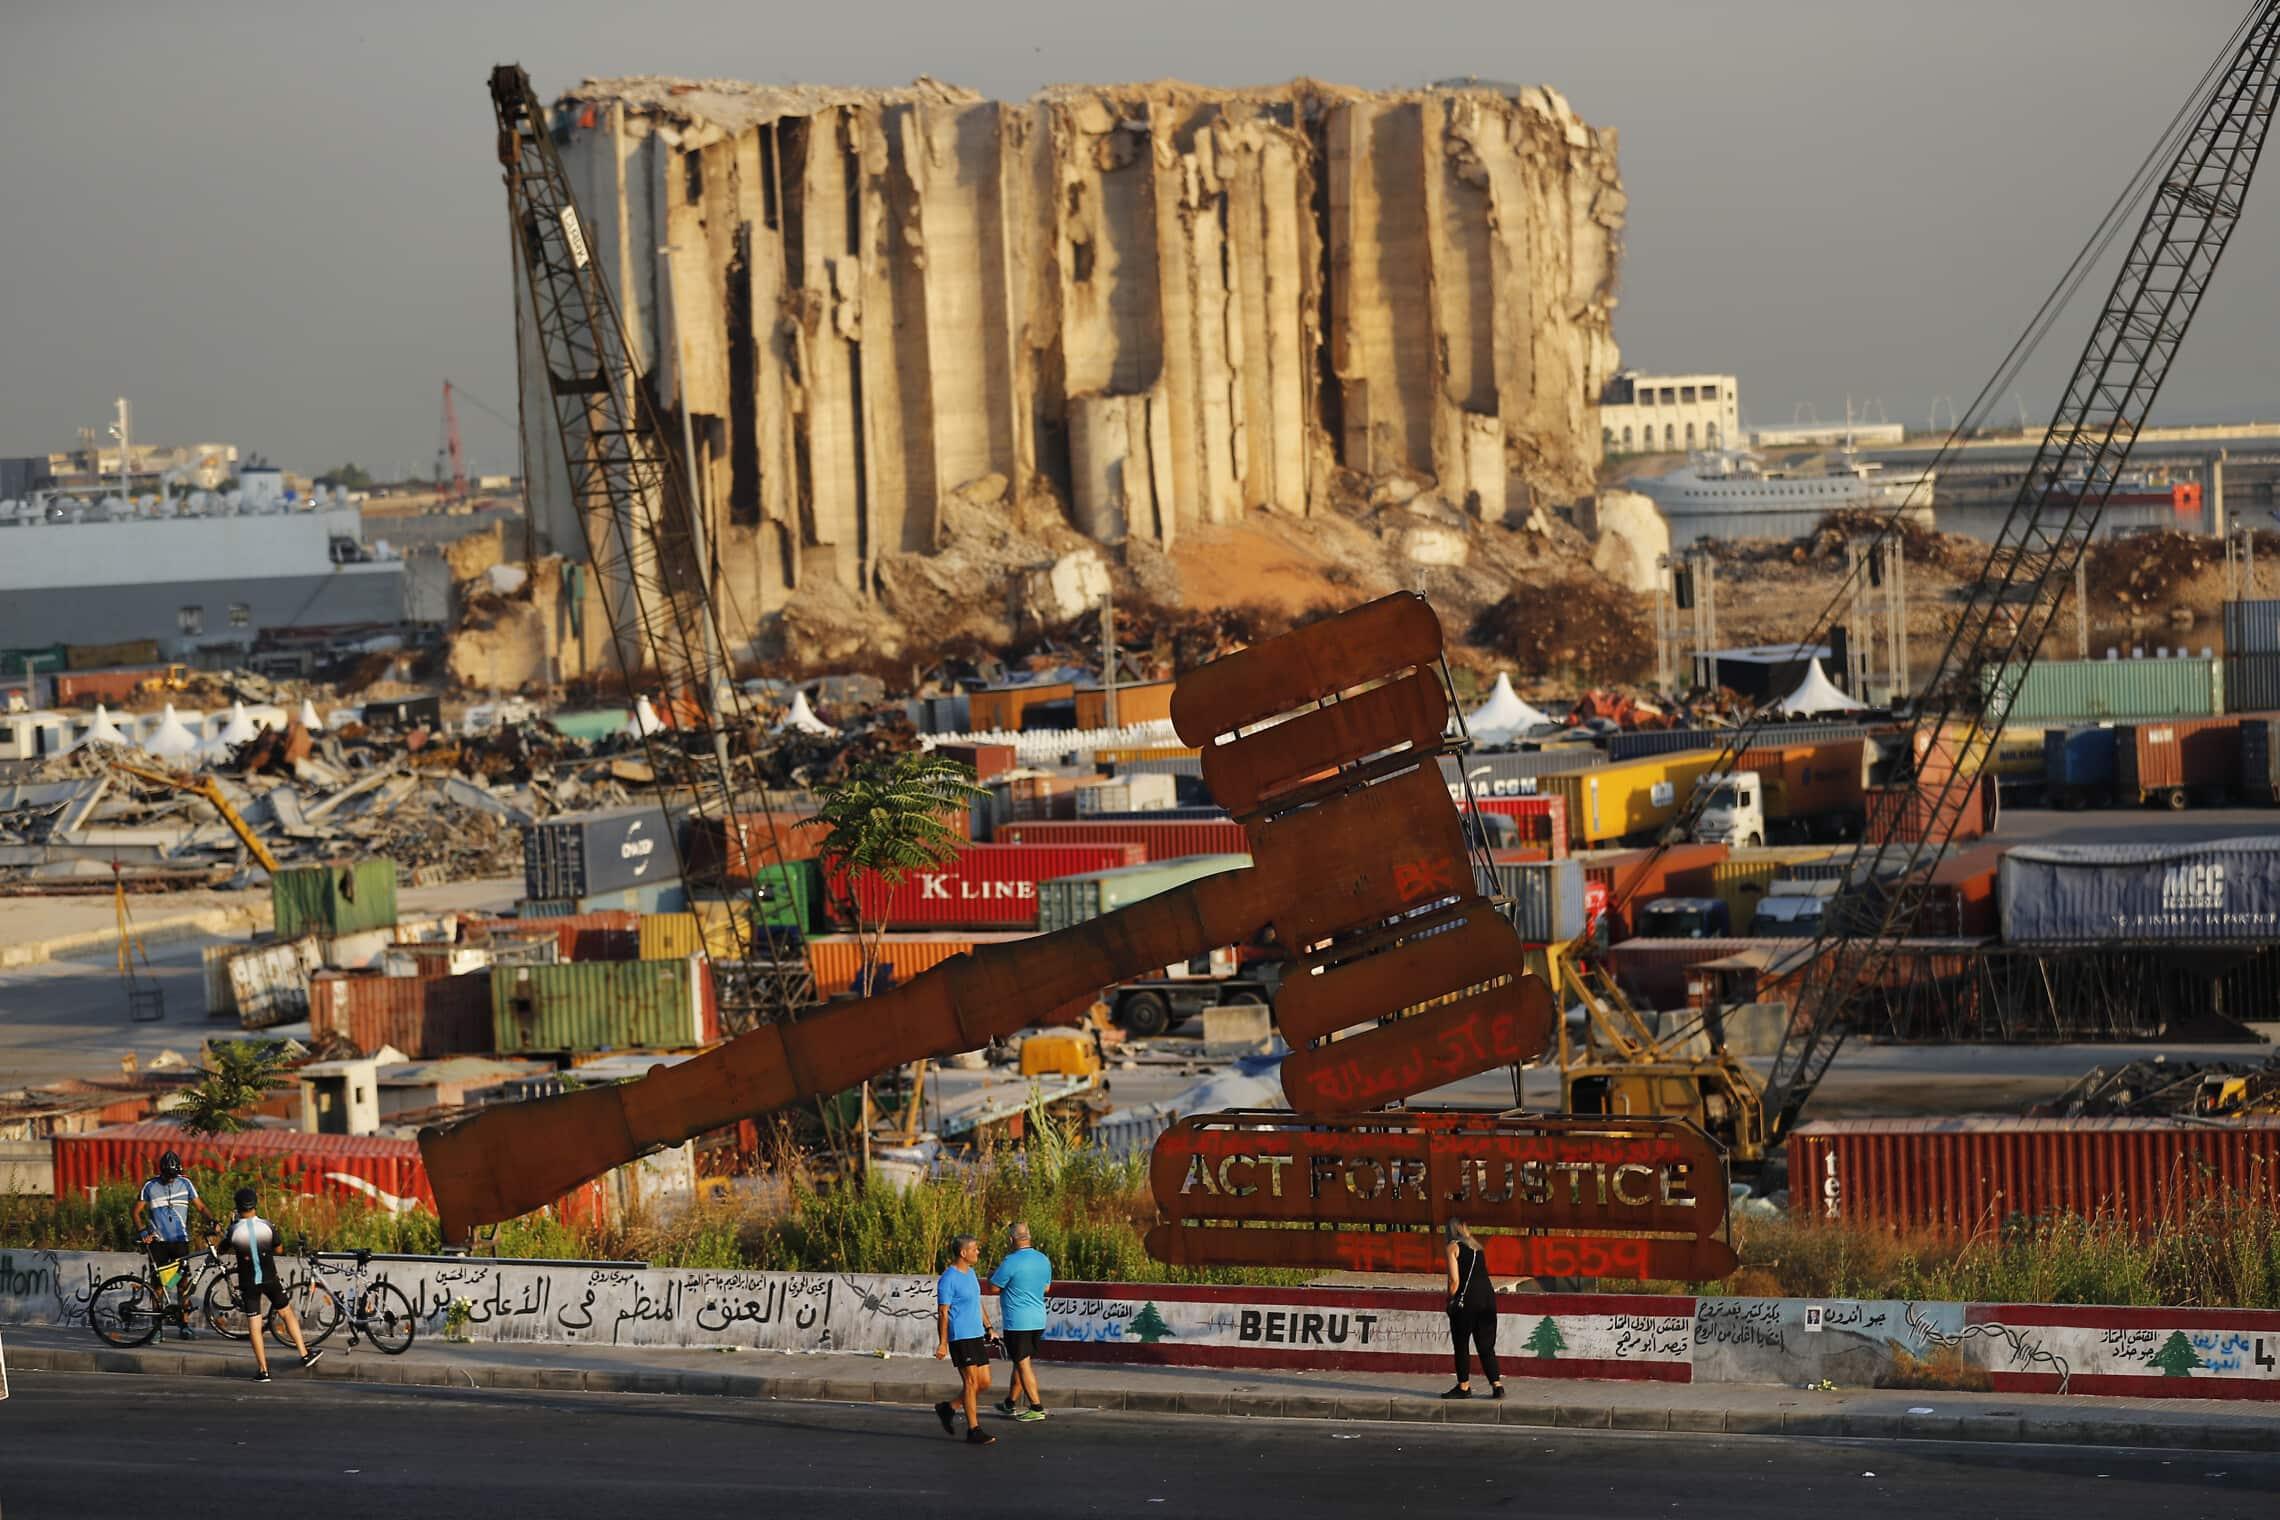 שנה אחרי הפיצוץ בנמל ביירות, 4 באוגוסט 2021 (צילום: AP Photo/Hussein Malla)